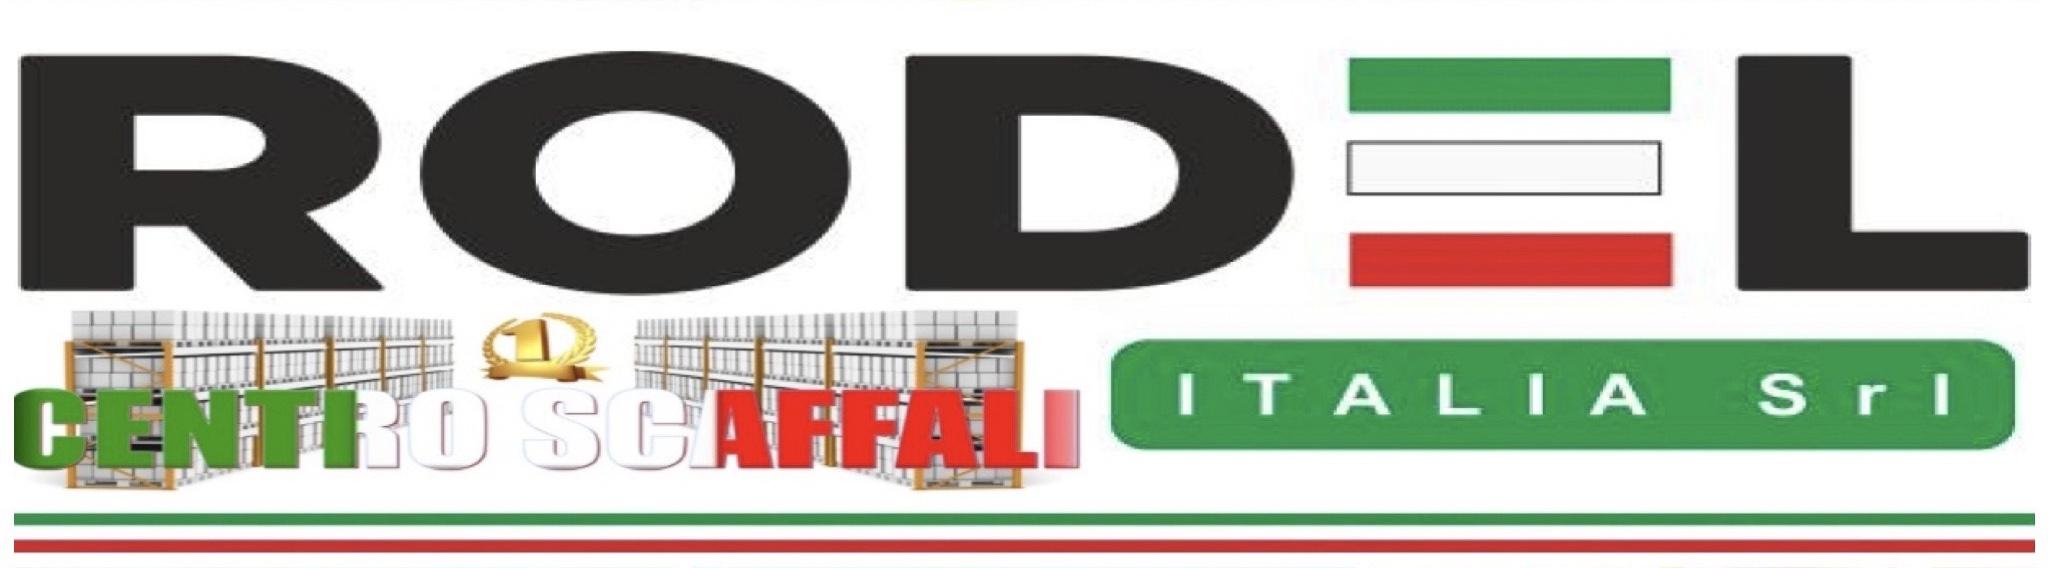 CENTRO SCAFFALI RODEL ITALIA S.R.L CON SEDE MILANO, BOLOGNA, ROMA, NAPOLI, AUSTRIA.